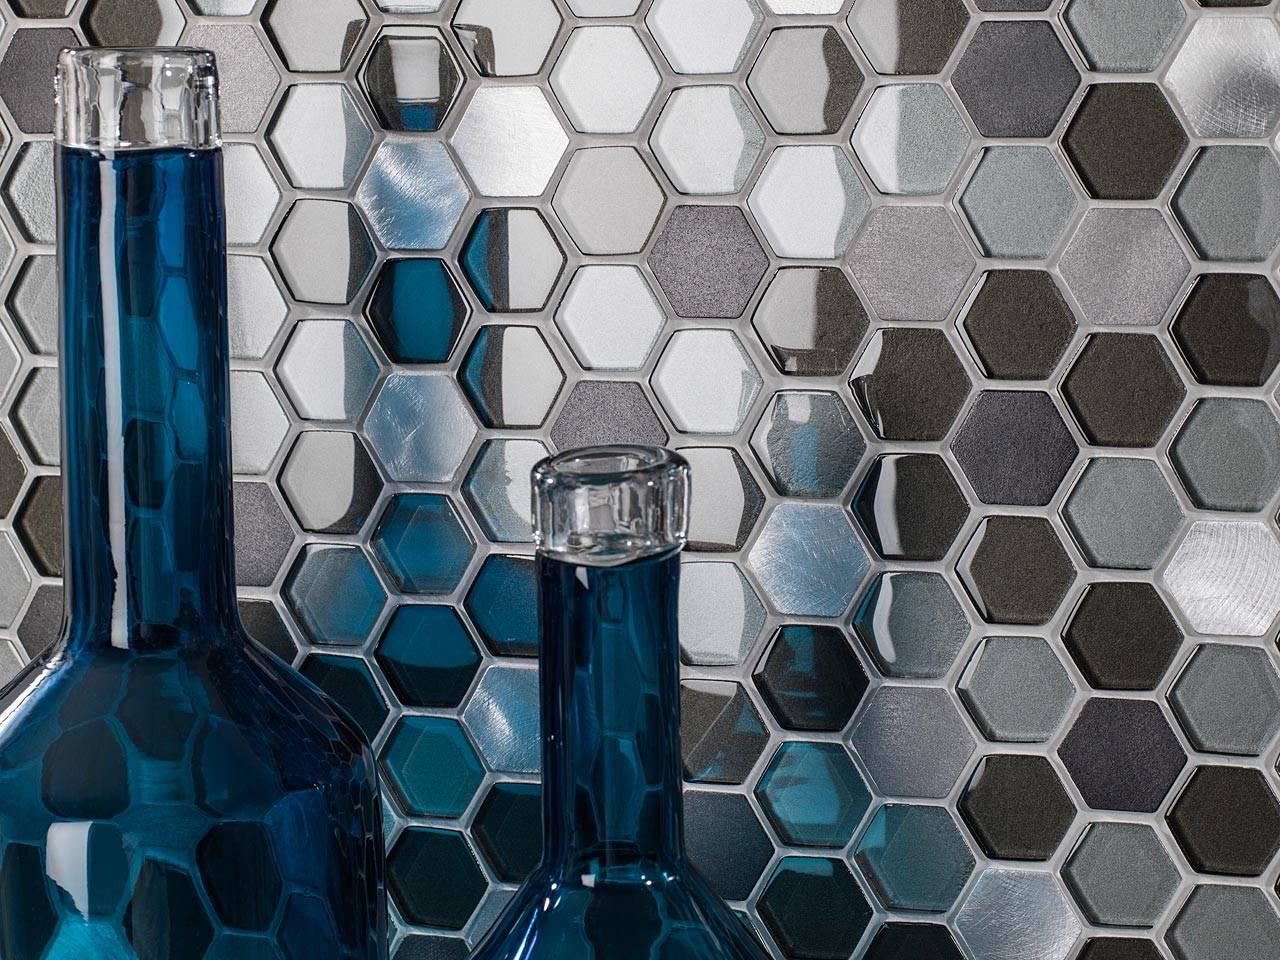 Керамическая мозаика (38 фото): мелкая кафельная плитка на мягкой основе, кафель и керамика в интерьере, виды и цвета